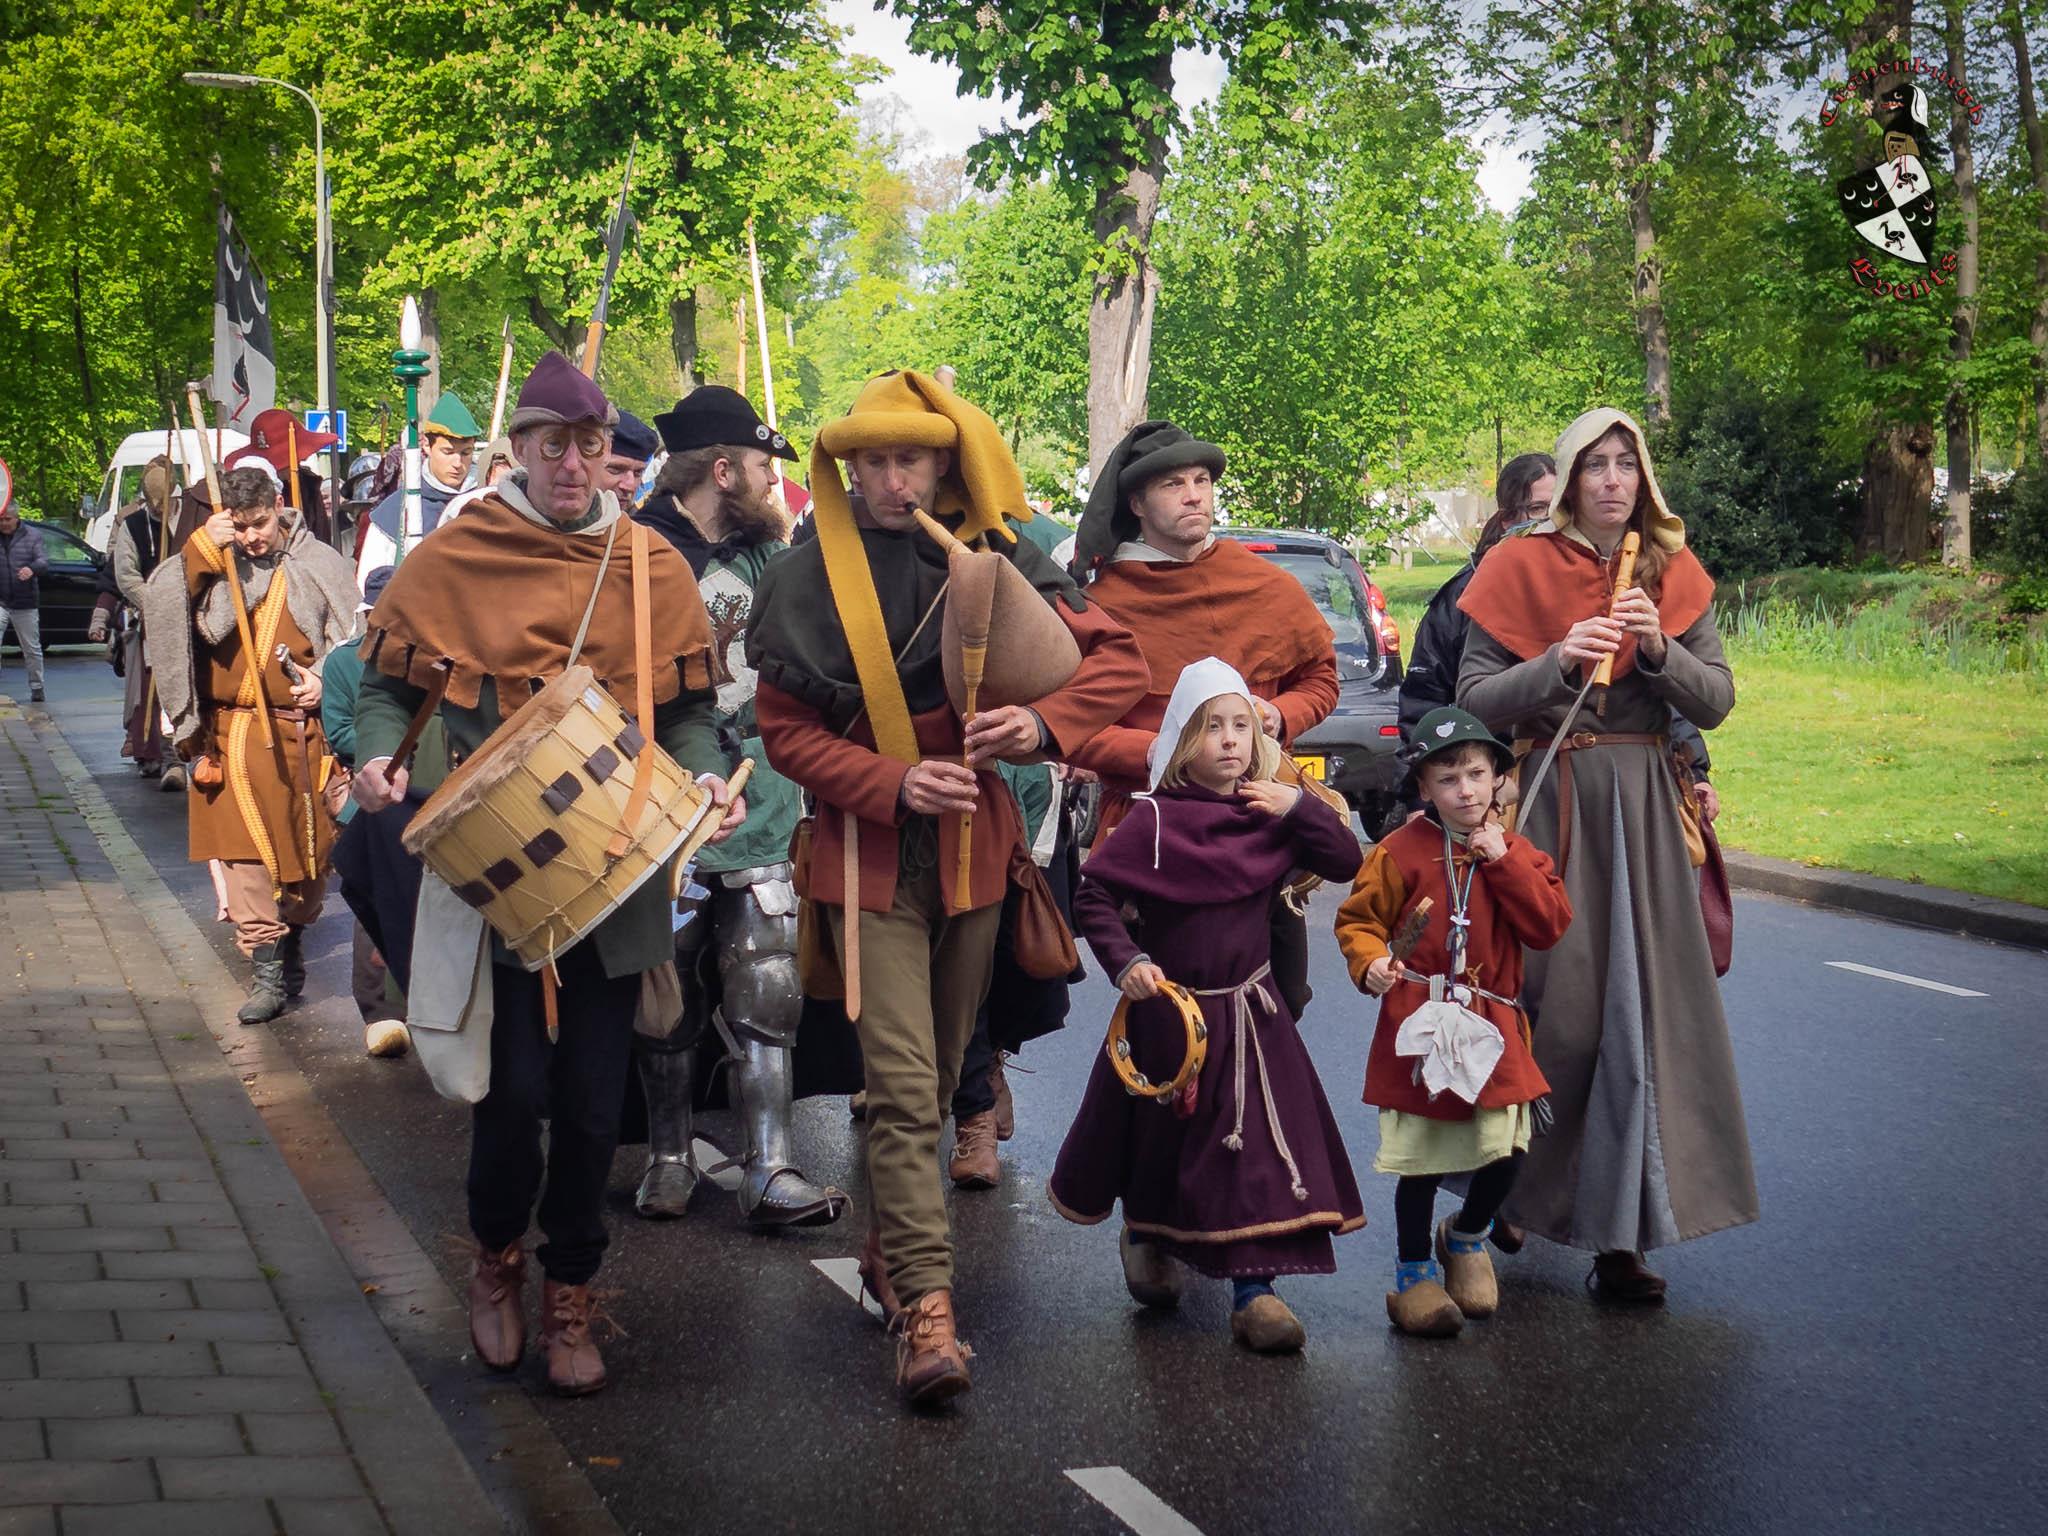 Middeleeuws-Festijn-Cannenburgh-2019-Ellen-la-Faille-4